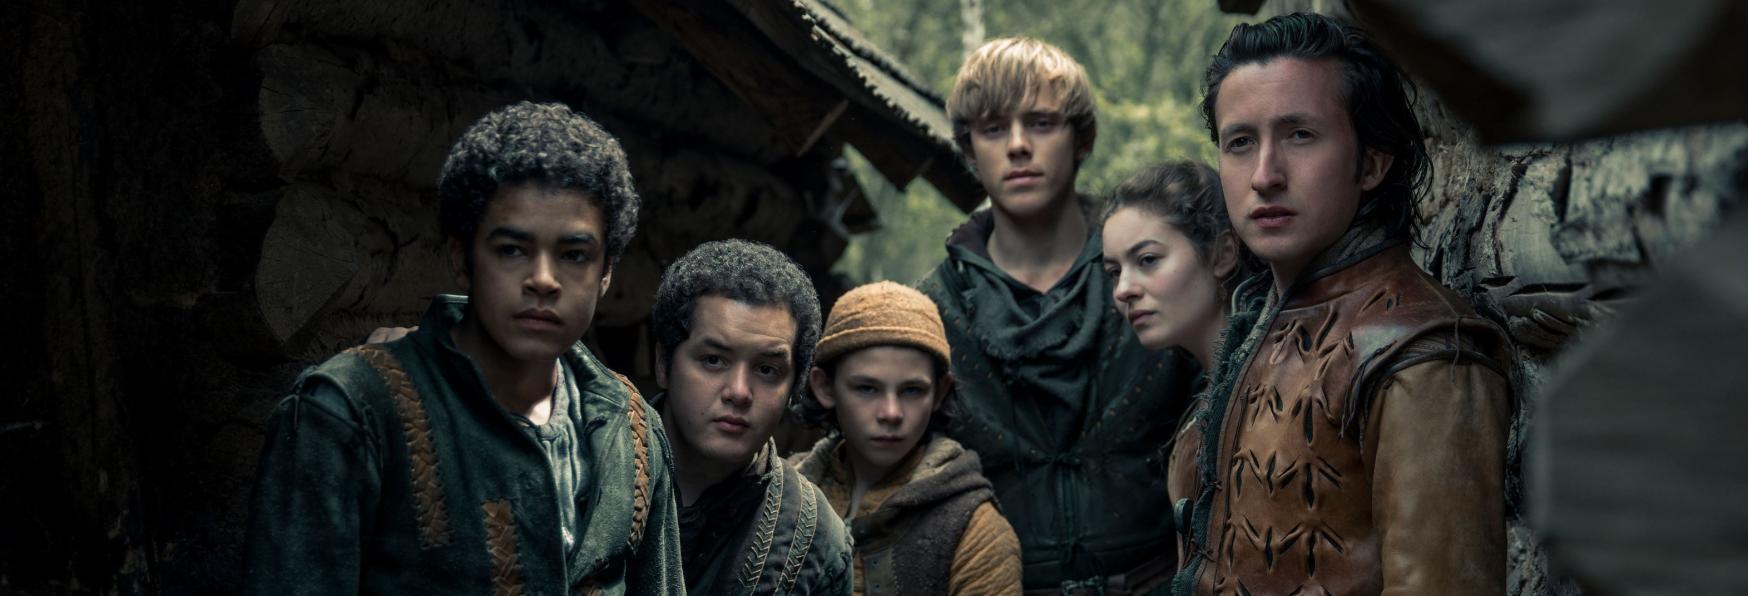 Lettera al Re: Recensione della nuova Serie TV targata Netflix